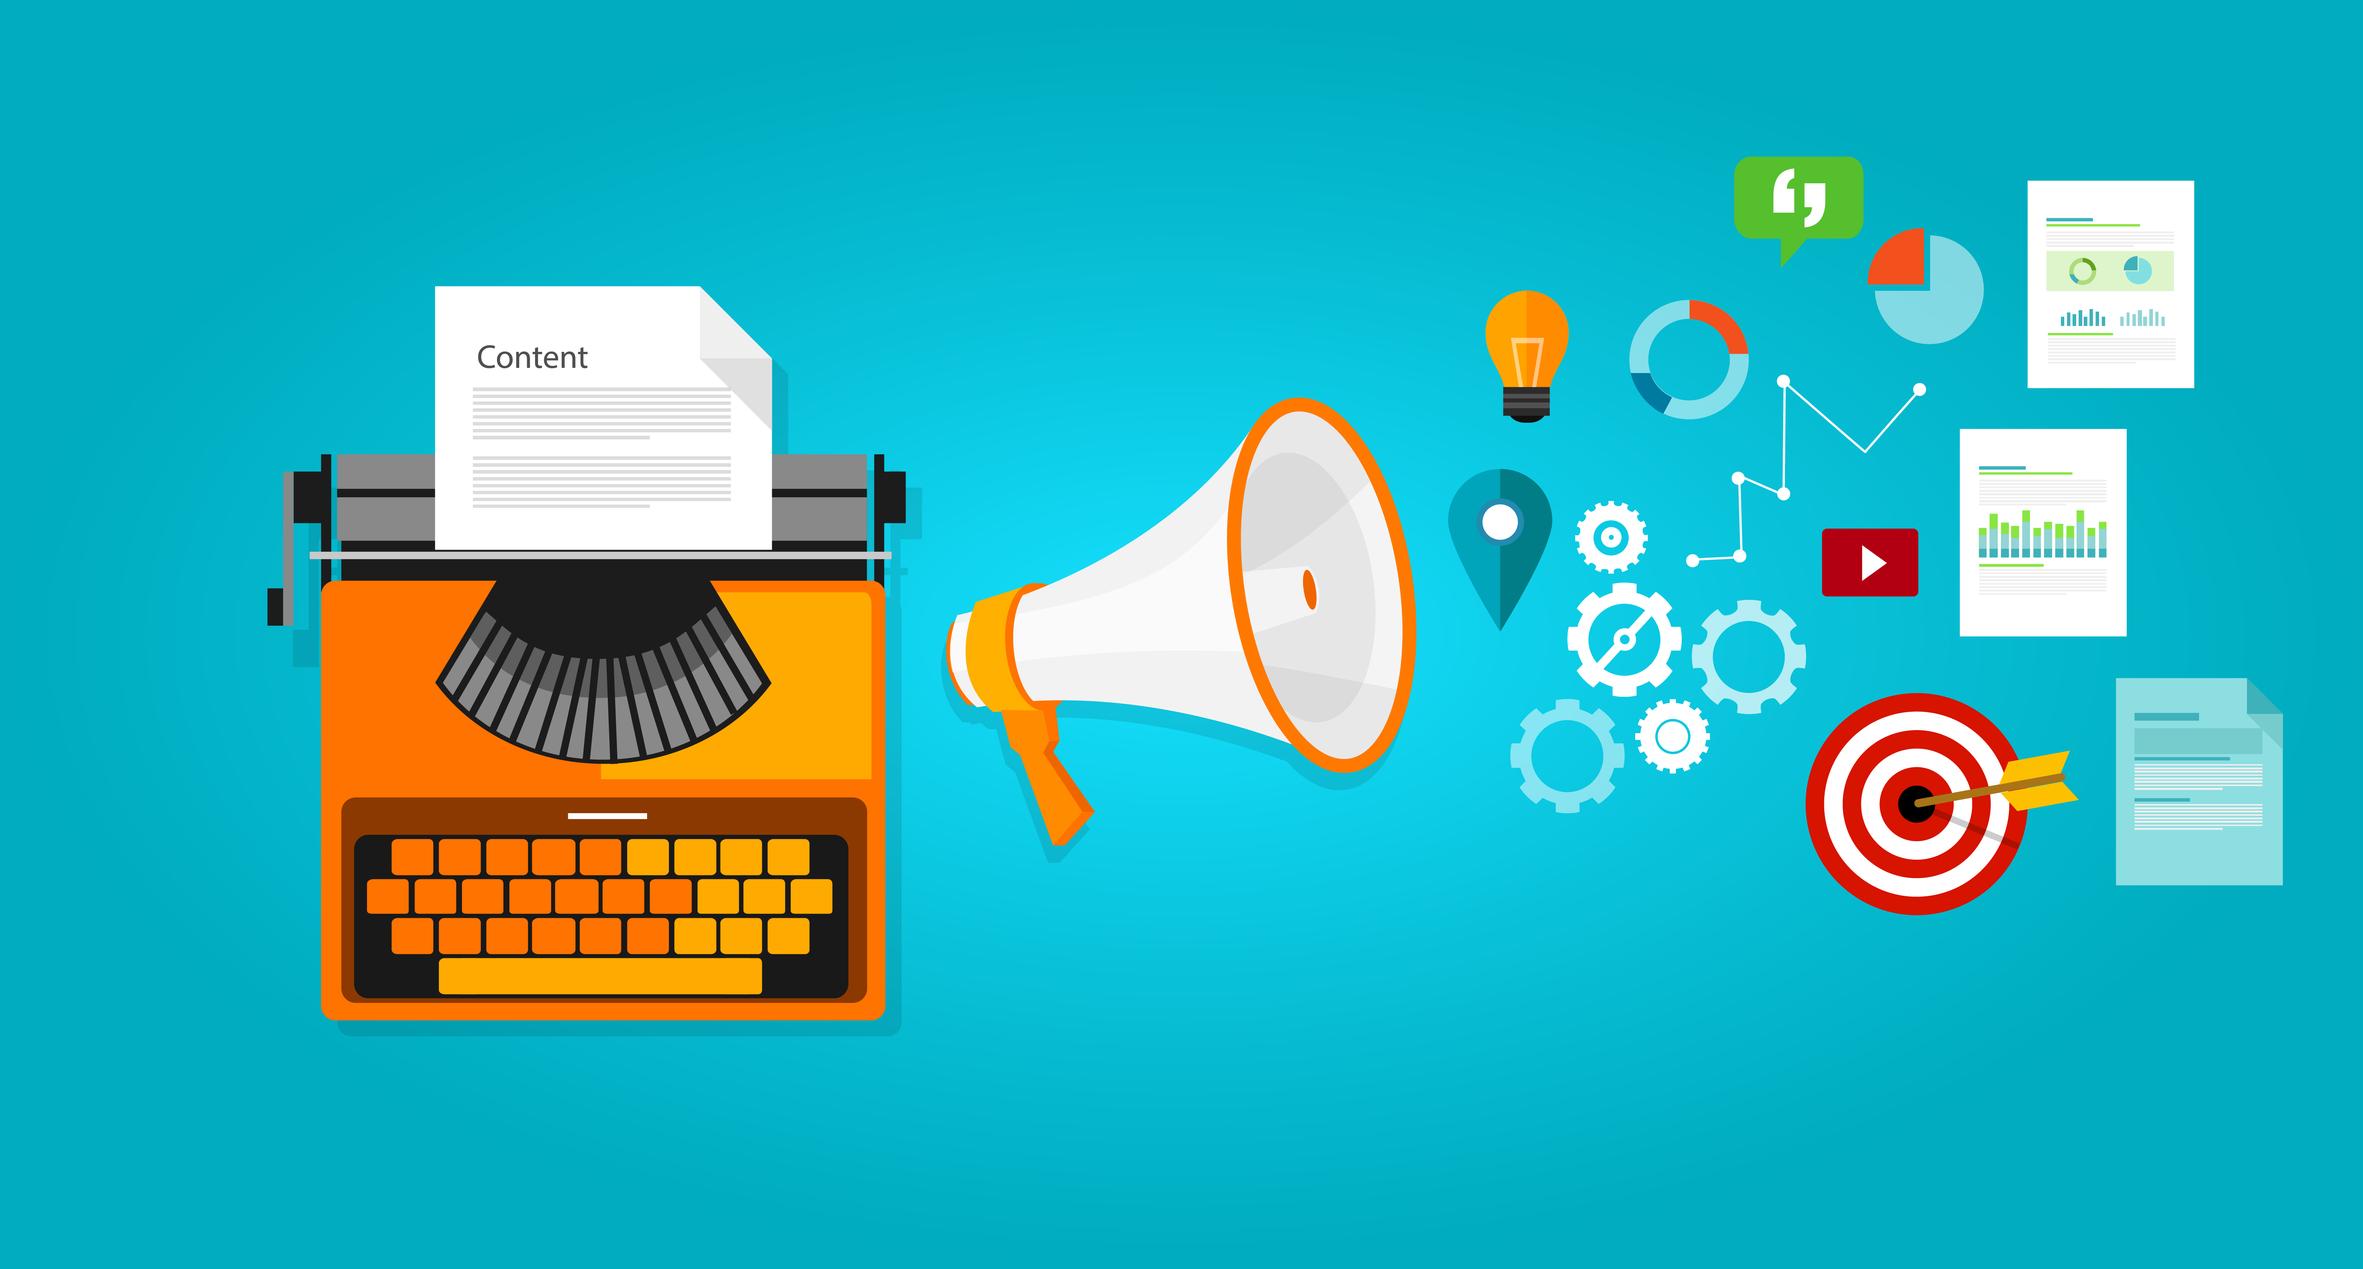 contenido seo y redes sociales